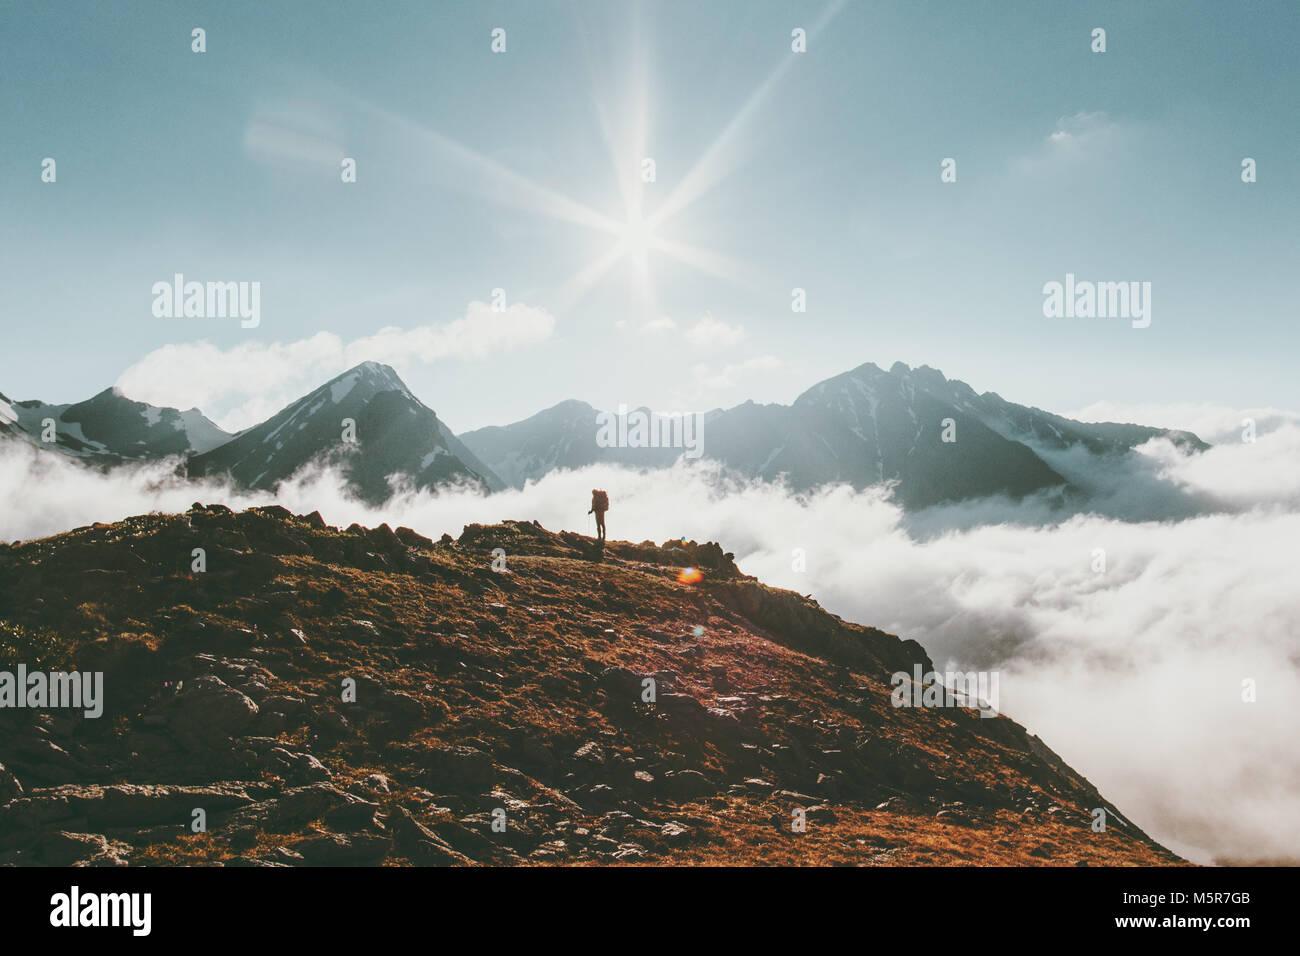 Berge Landschaft Reisen lifestyle Abenteuer Konzept Reisenden, die alleine stehen Sommer Ferien im Freien sonnigen Stockbild